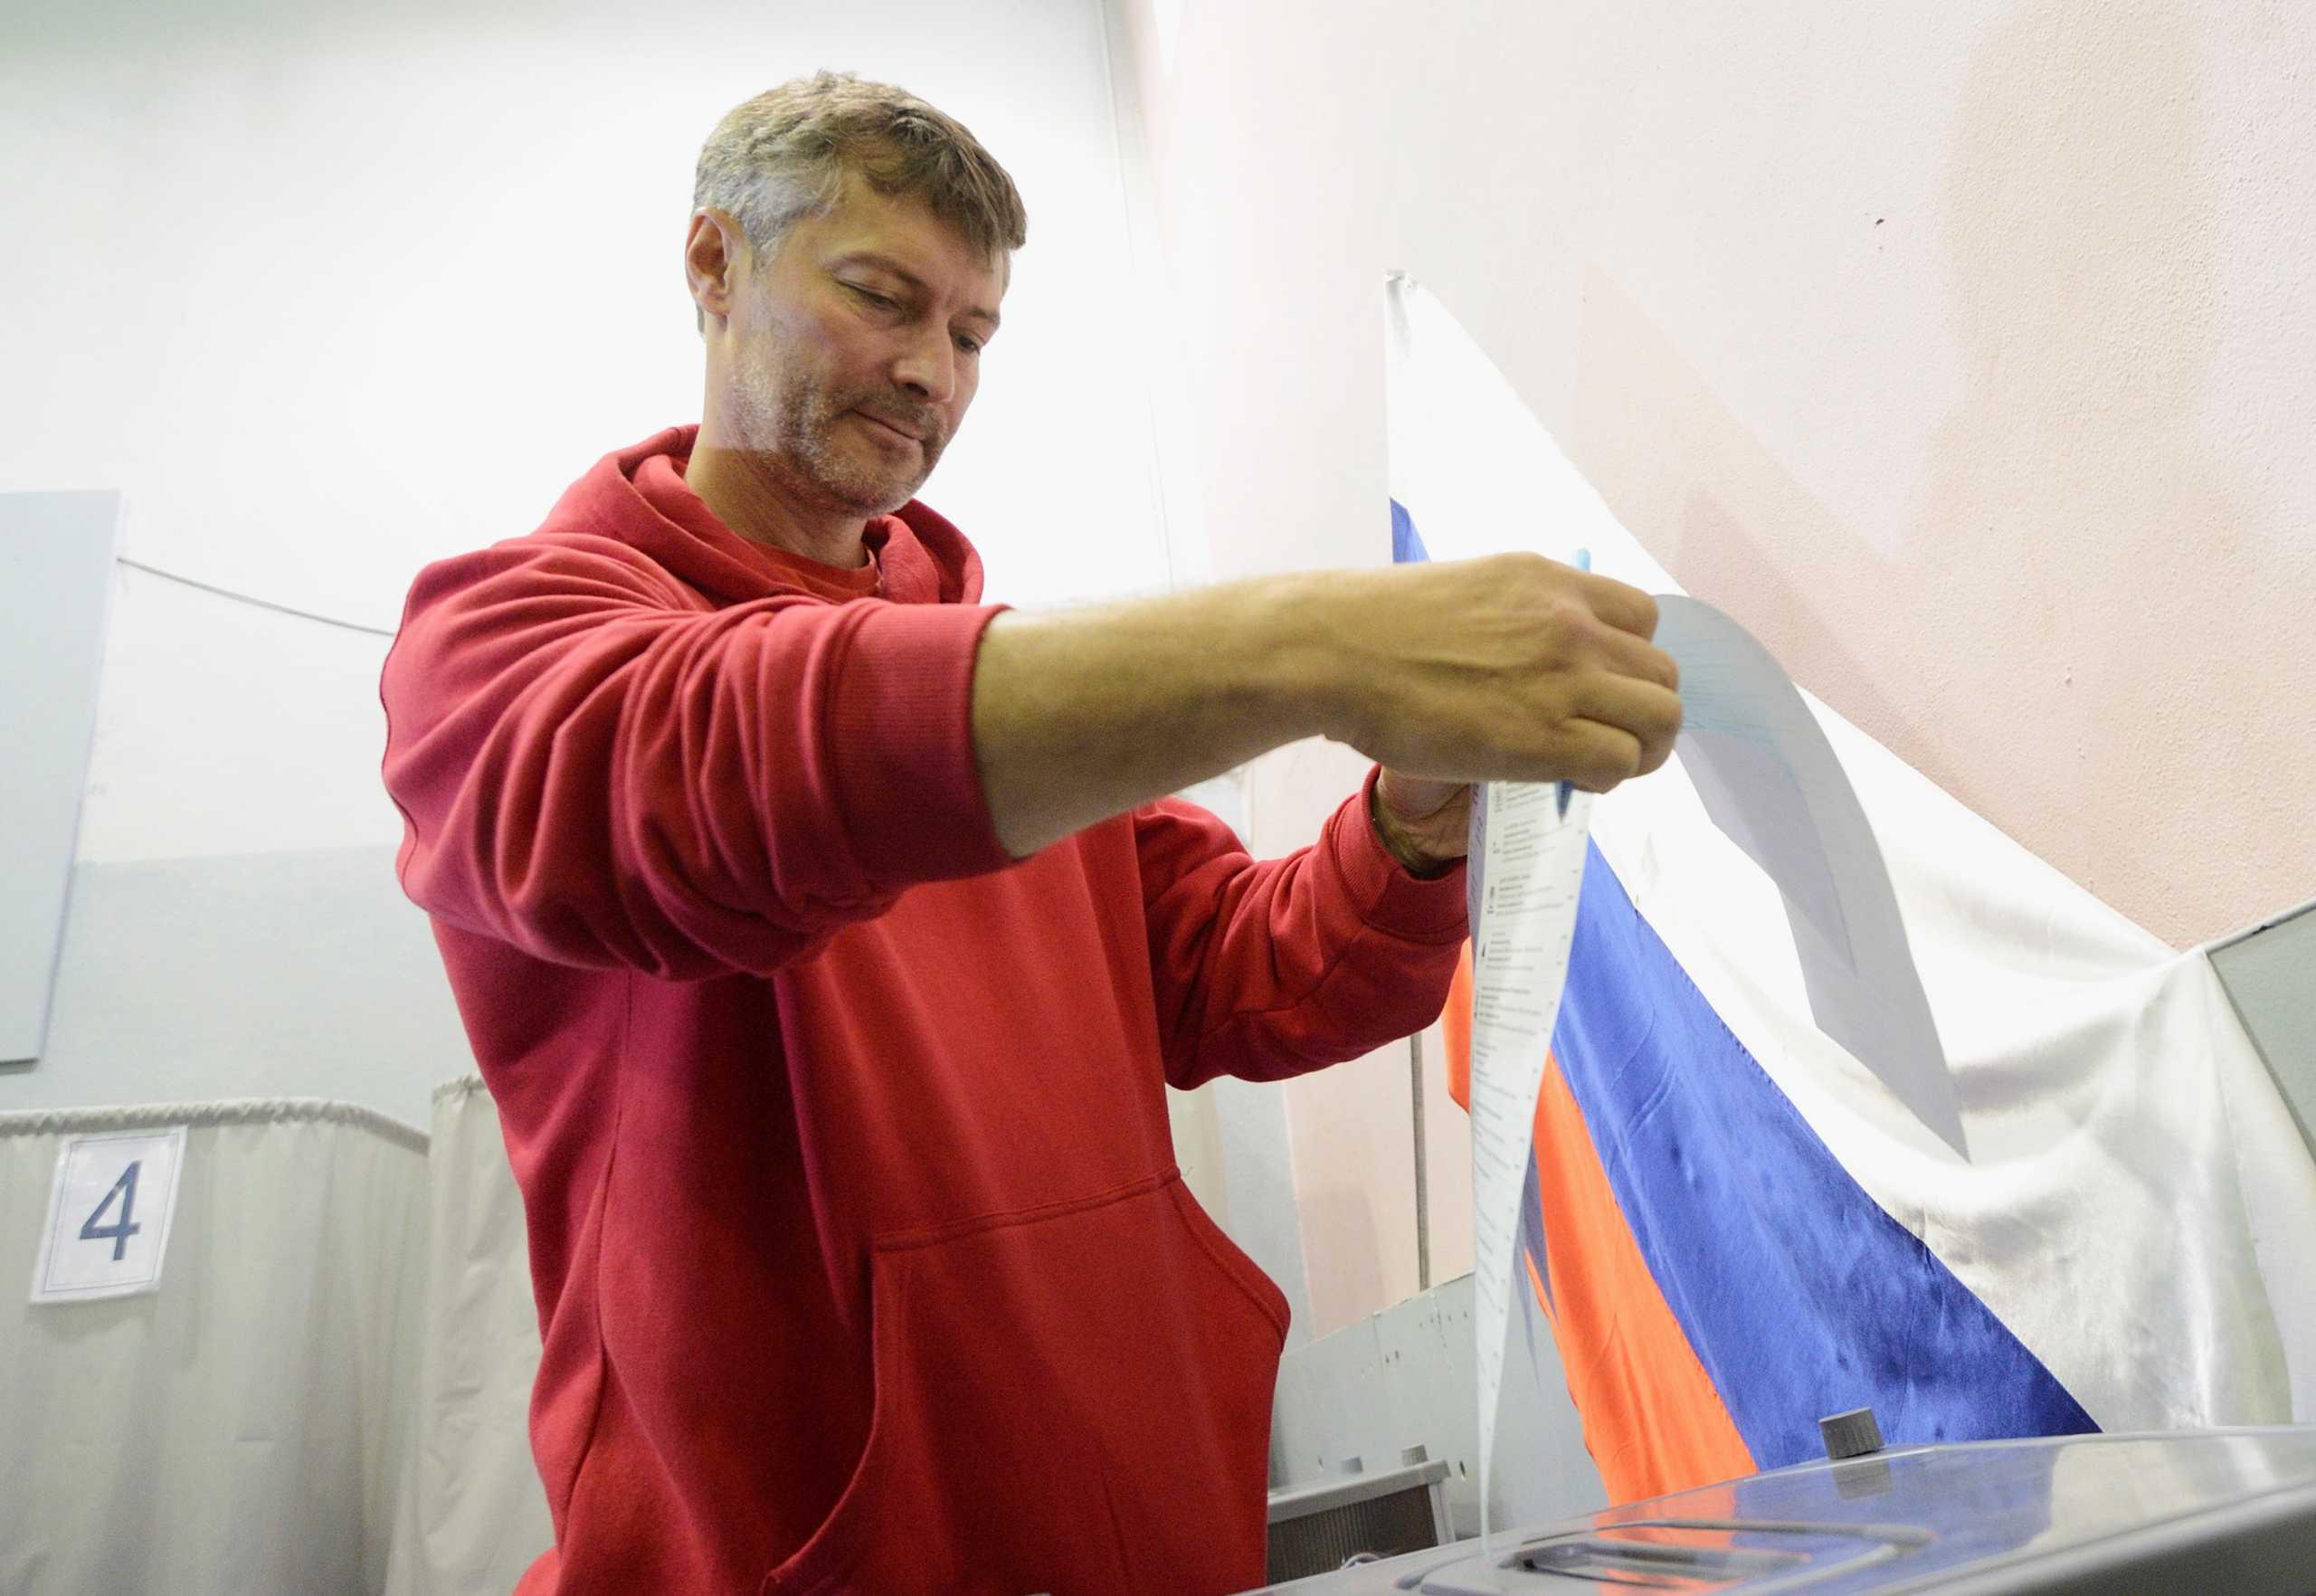 Ρωσία: Καταδικάστηκε πρώην δήμαρχος για ανάρτηση στο Twitter υπέρ του Ναβάλνι